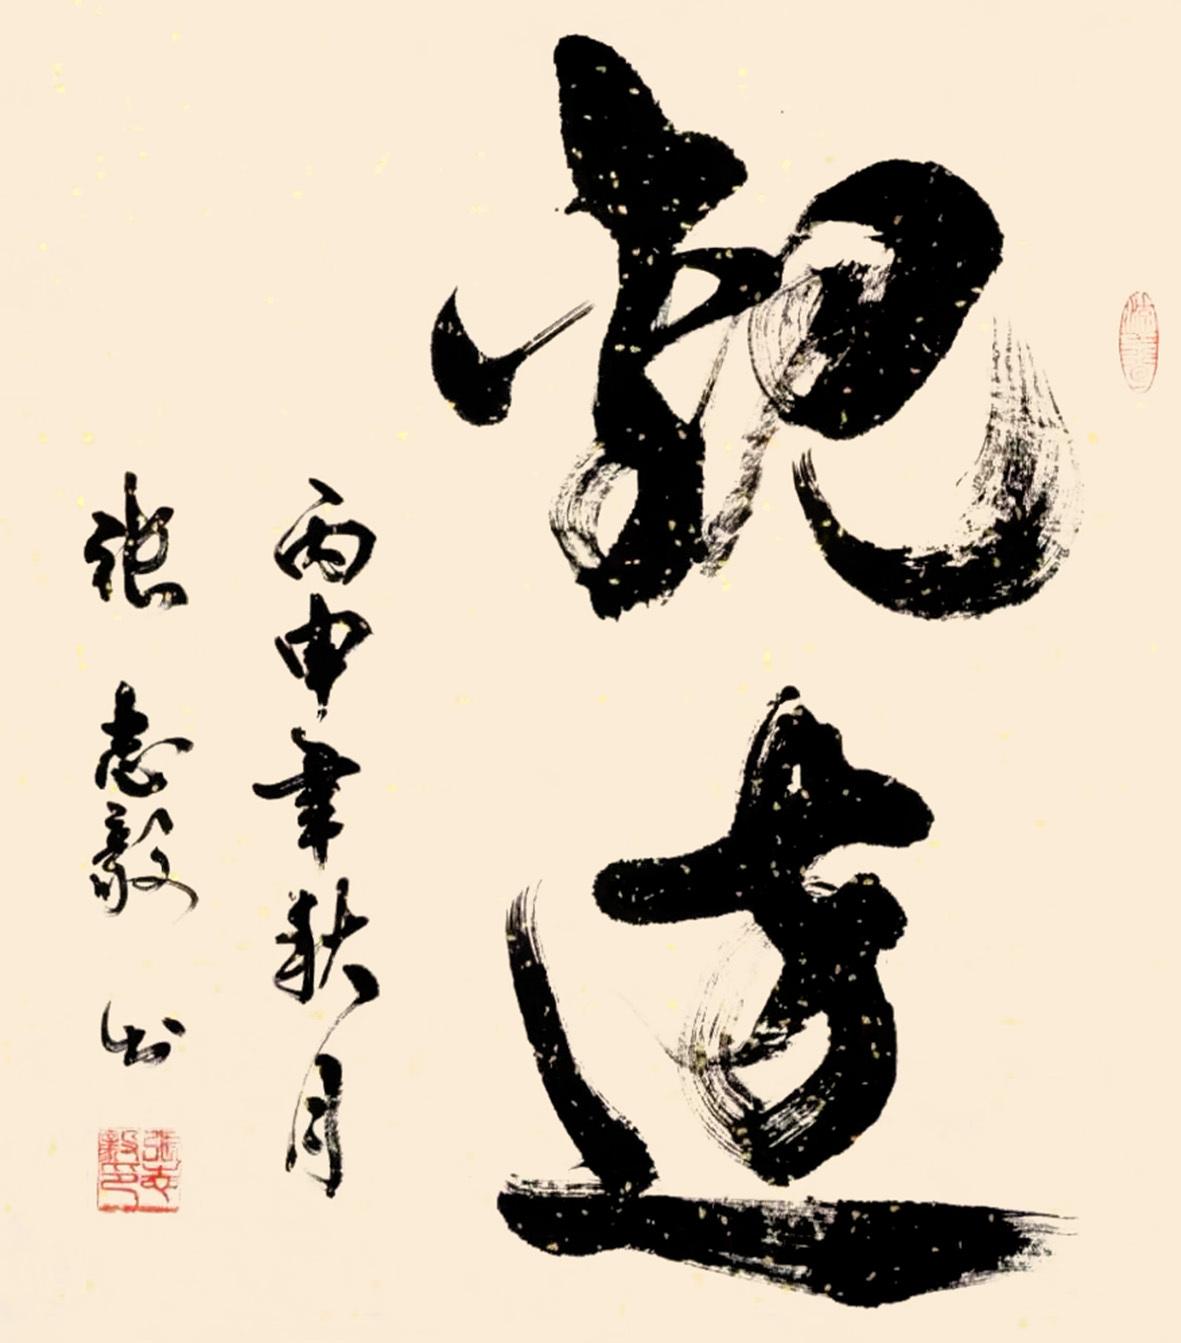 共筑中国梦——张志毅书法作品展播_艺术